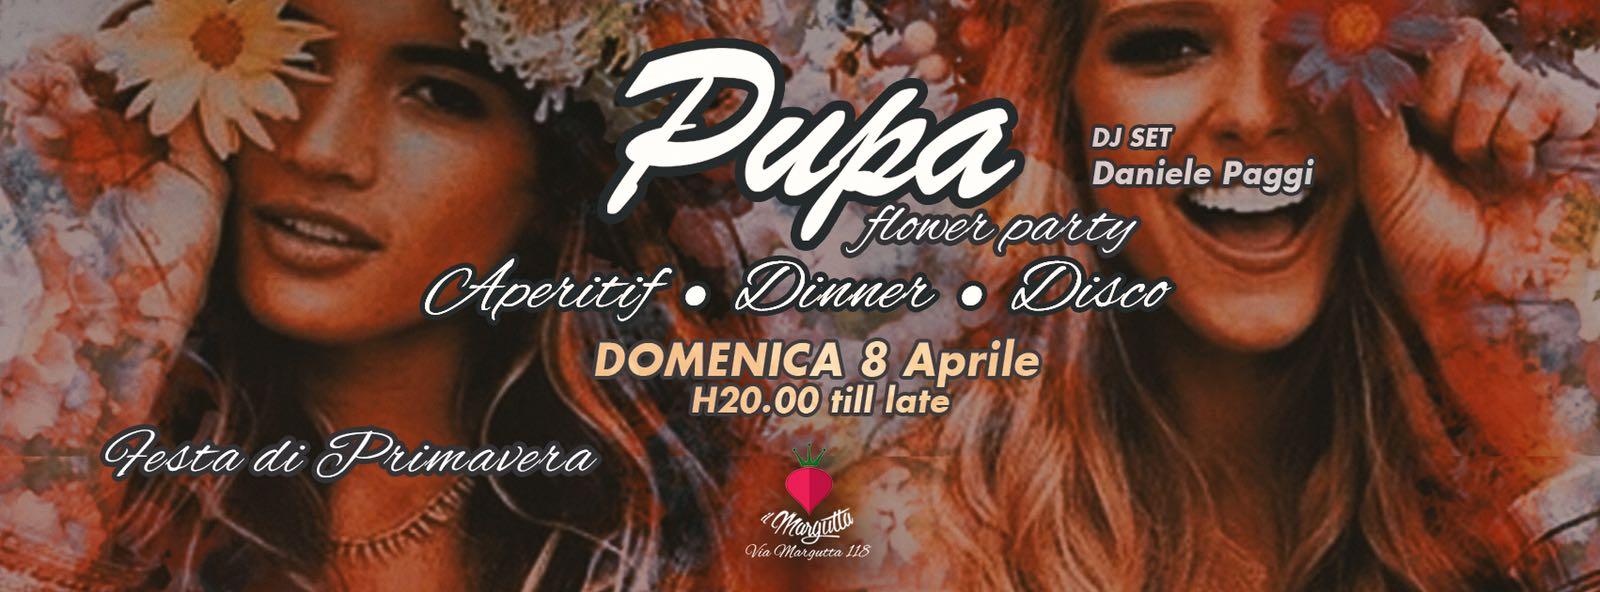 PUPA at Margutta Aperitivo Flower Party domenica 8 aprile 2018